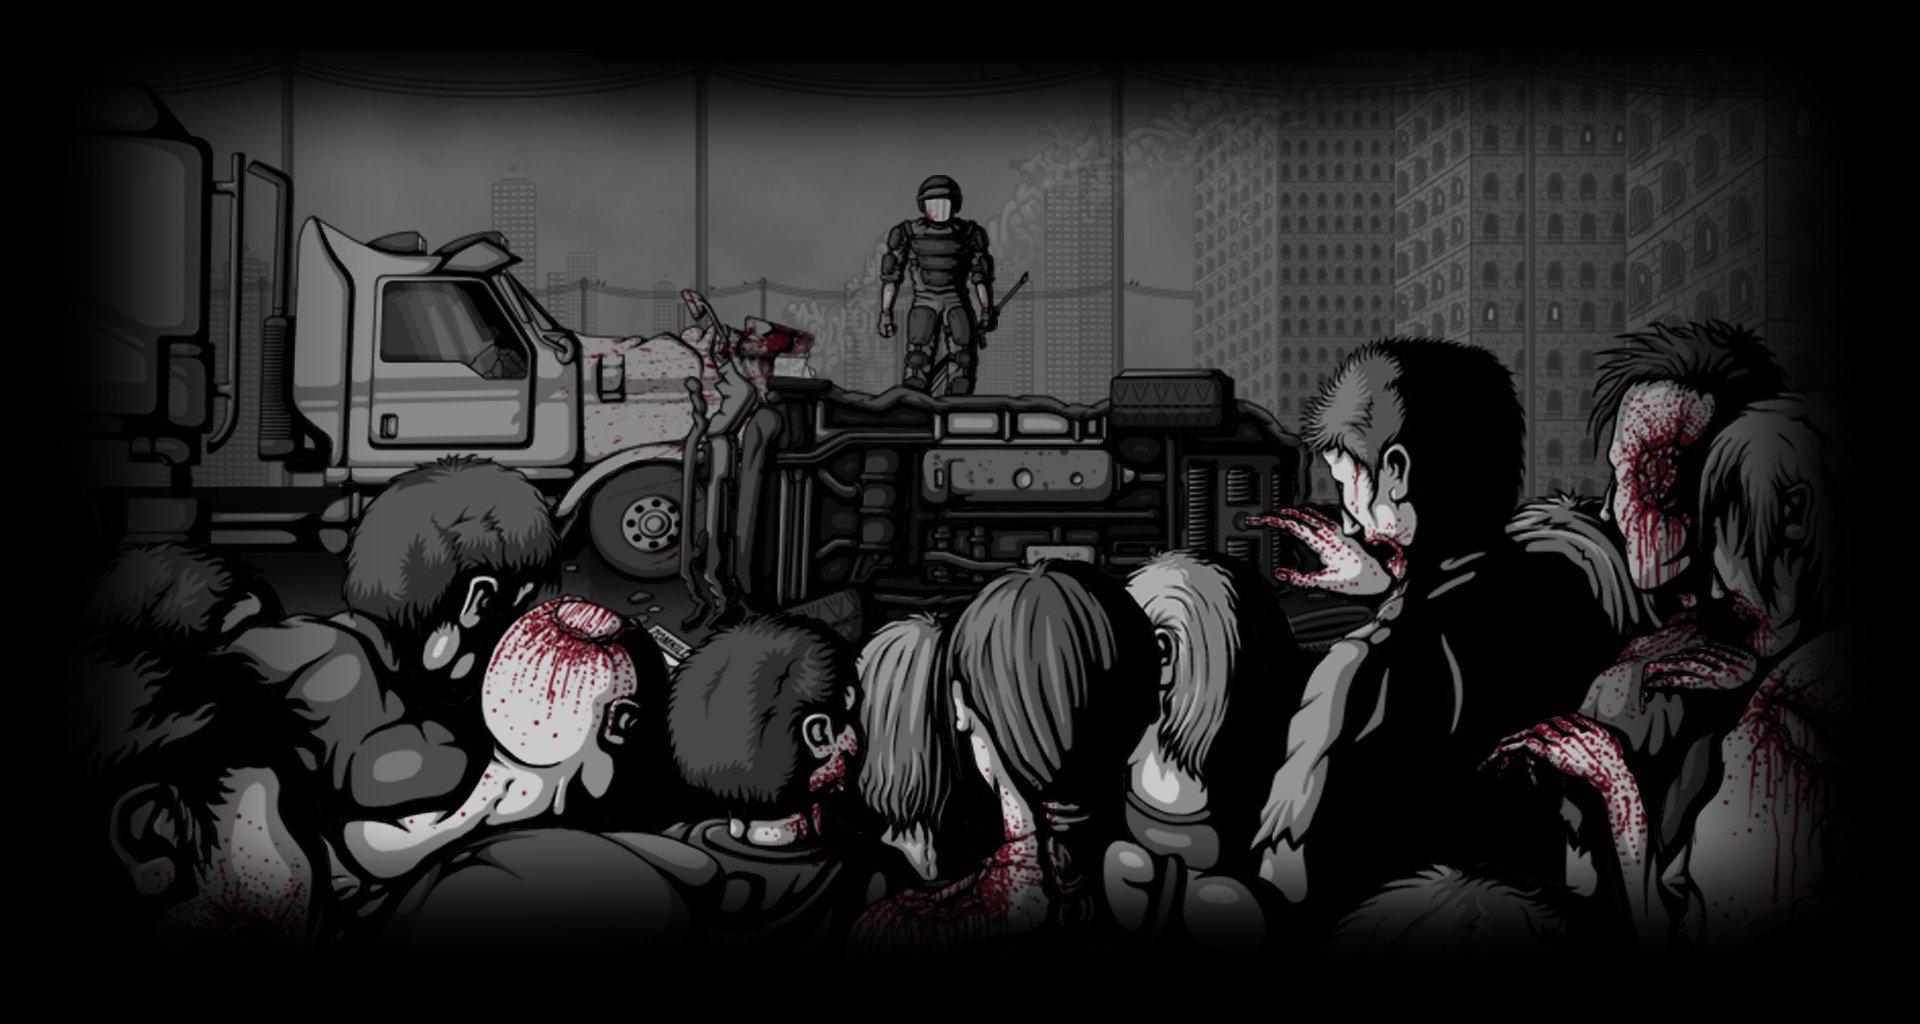 Fondos De Pantalla De Quikis: OMG Zombies! Fondo De Pantalla And Fondo De Escritorio